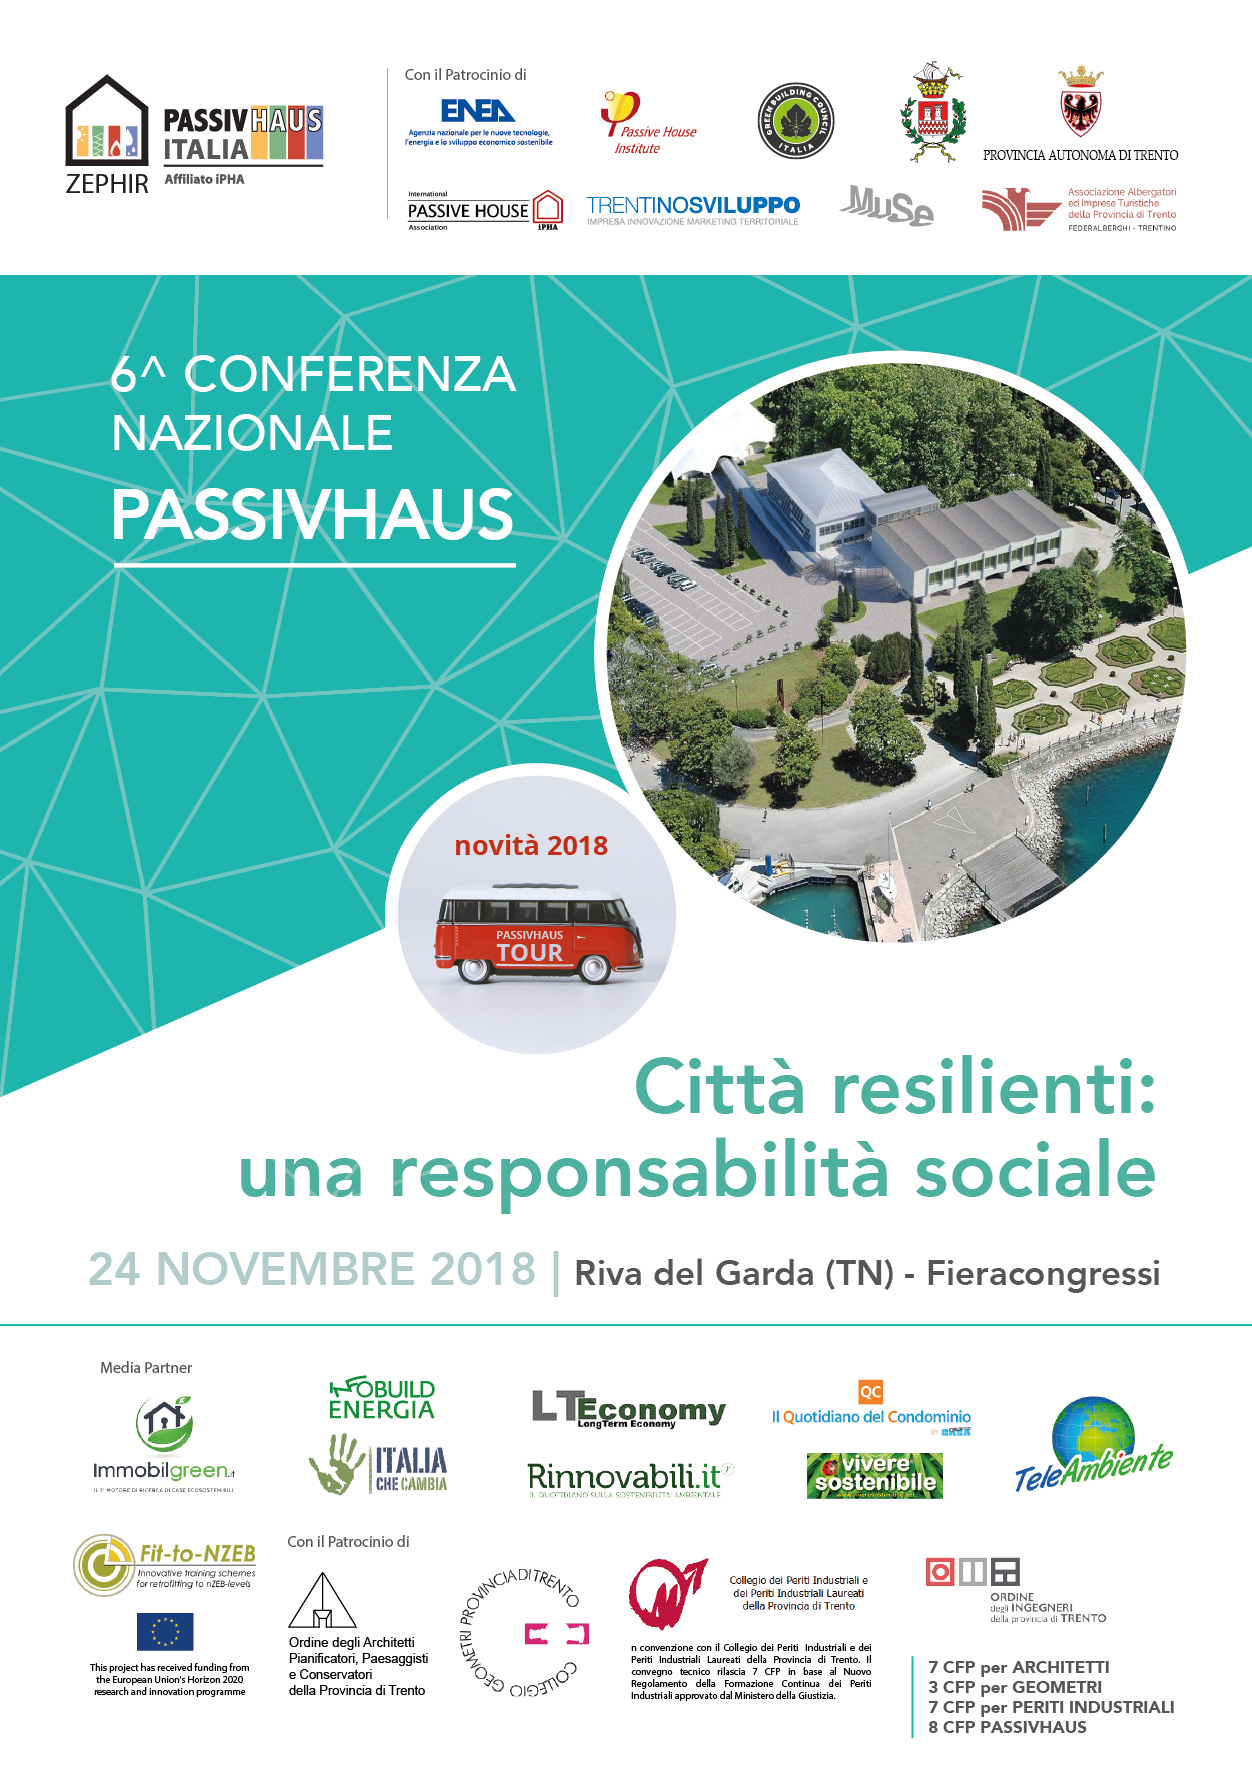 6^ Conferenza Nazionale Passivhaus: 24 novembre Riva del Garda